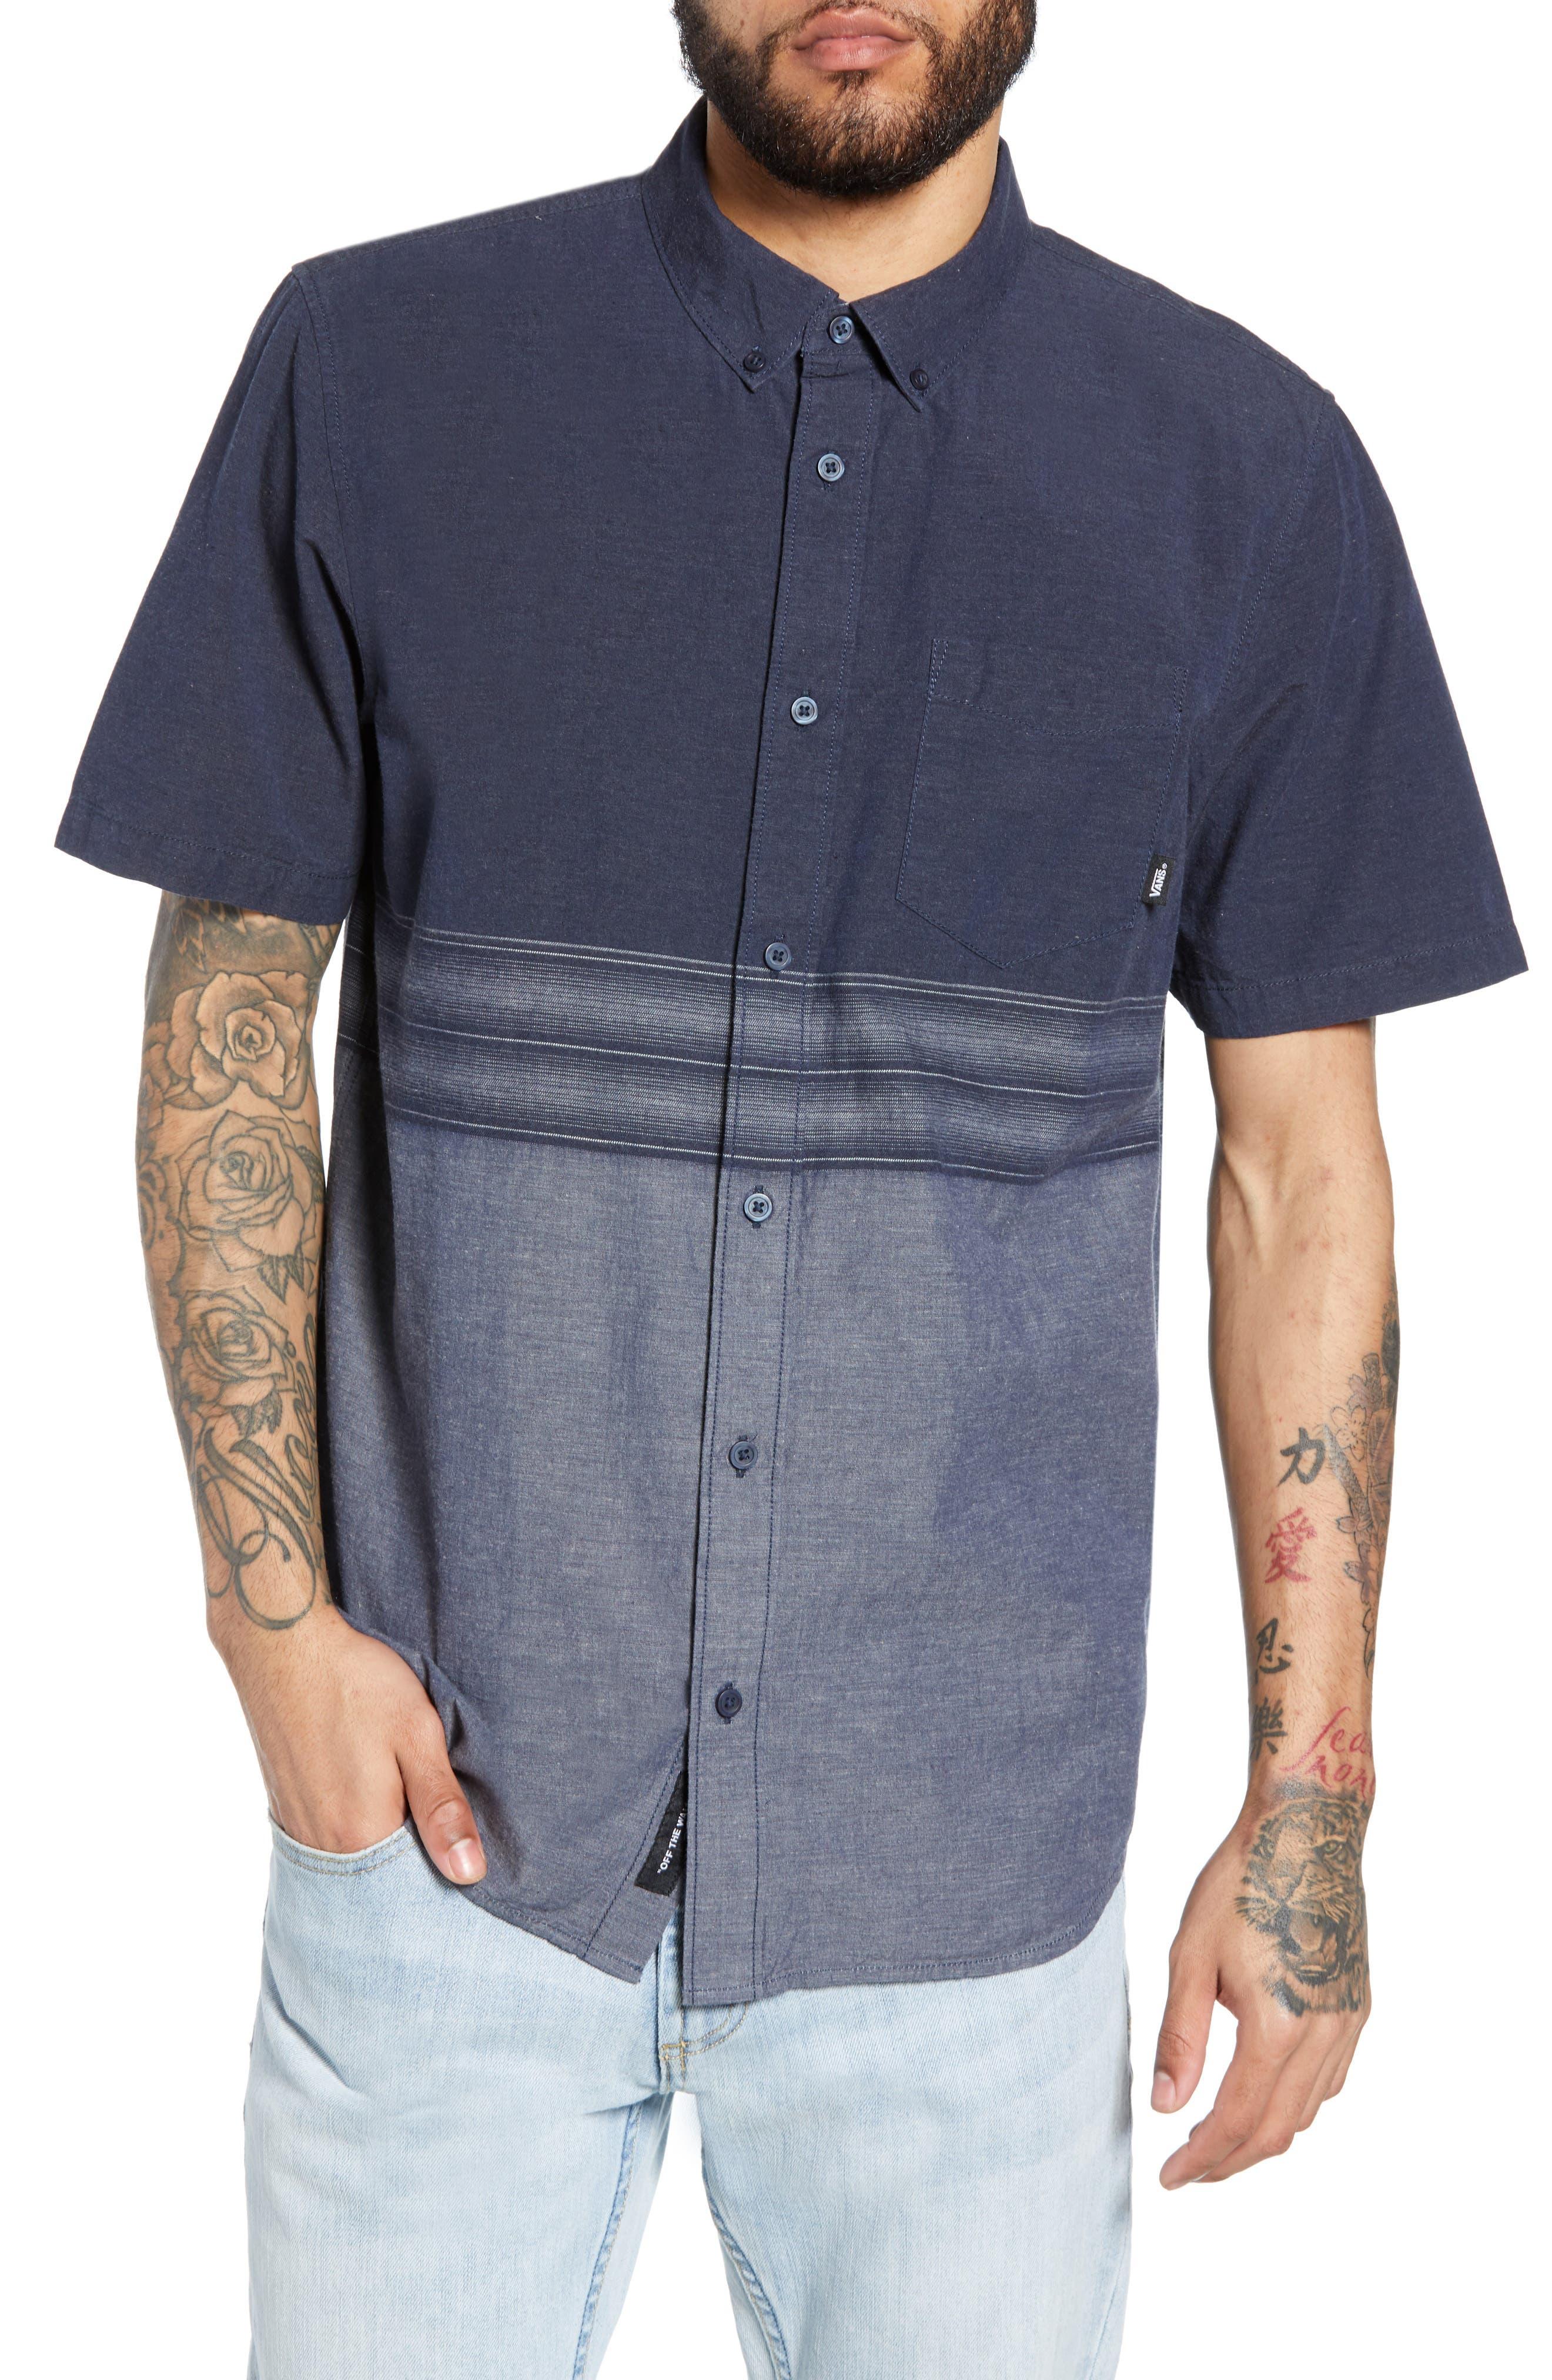 051e6e56e835 Men s Vans Shirts